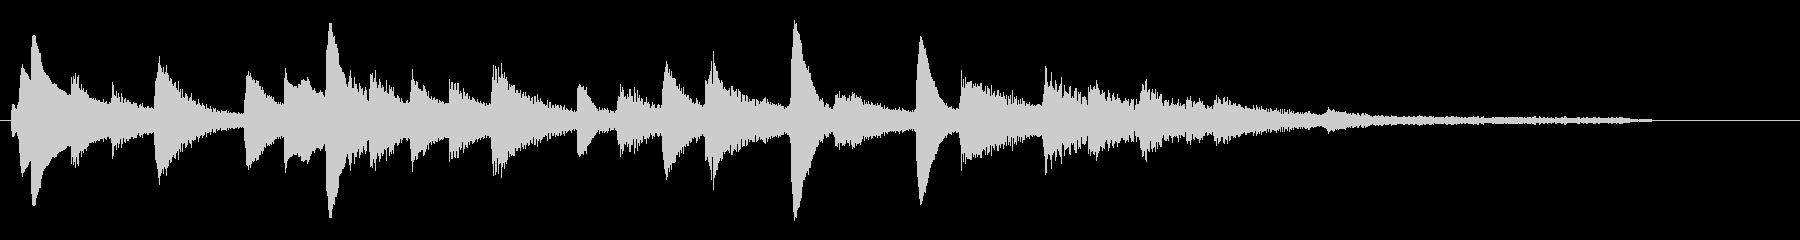 フレッシュな雰囲気のピアノソロジングル4の未再生の波形